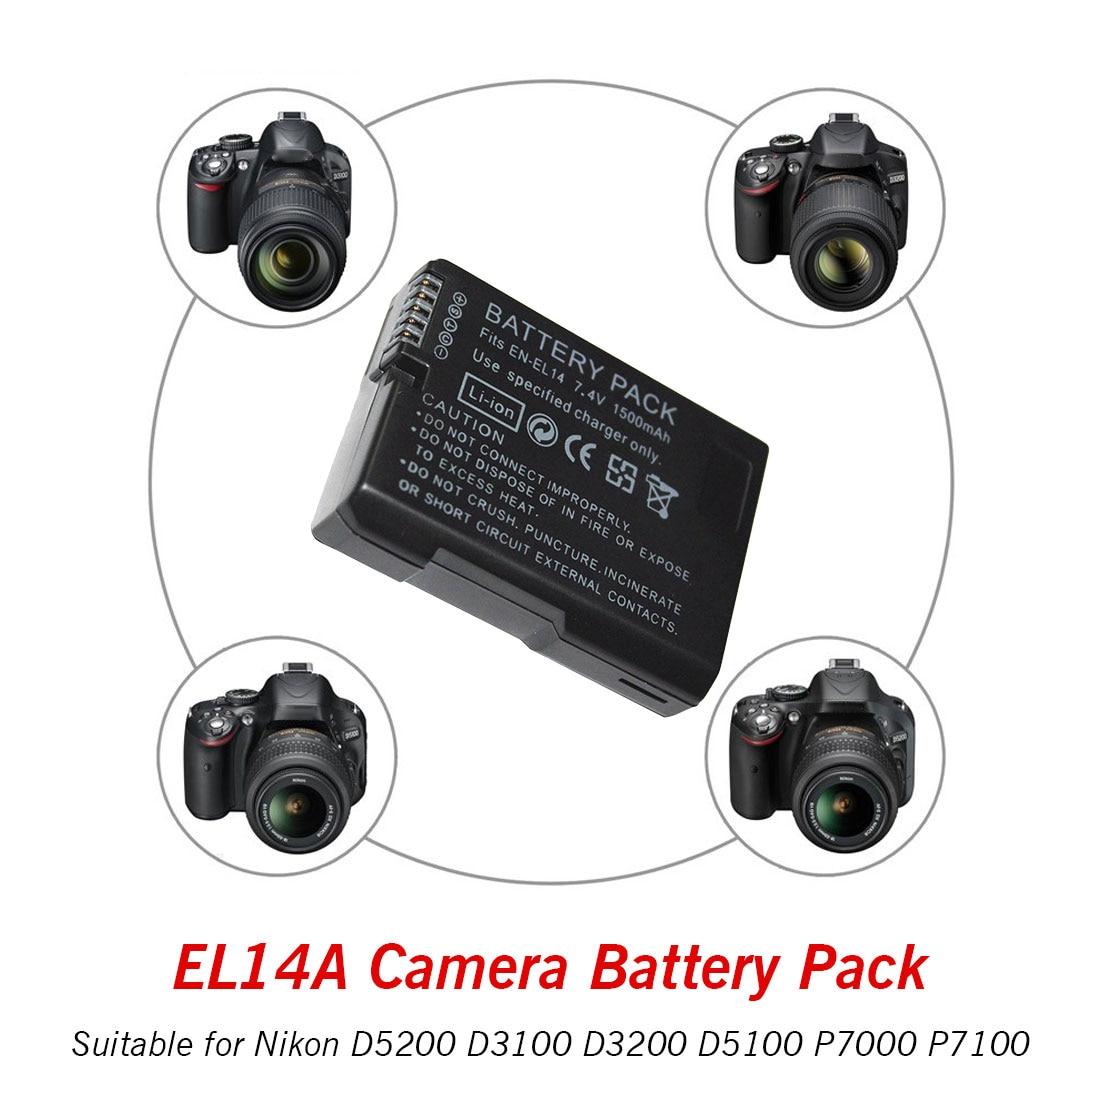 Rechargeable Digital Battery Pack EN-EL14 EN-EL14a ENEL14 EL14 1500mAh For Nikon D5200 D3100 D3200 D5100 P7000 P7100 MH-24